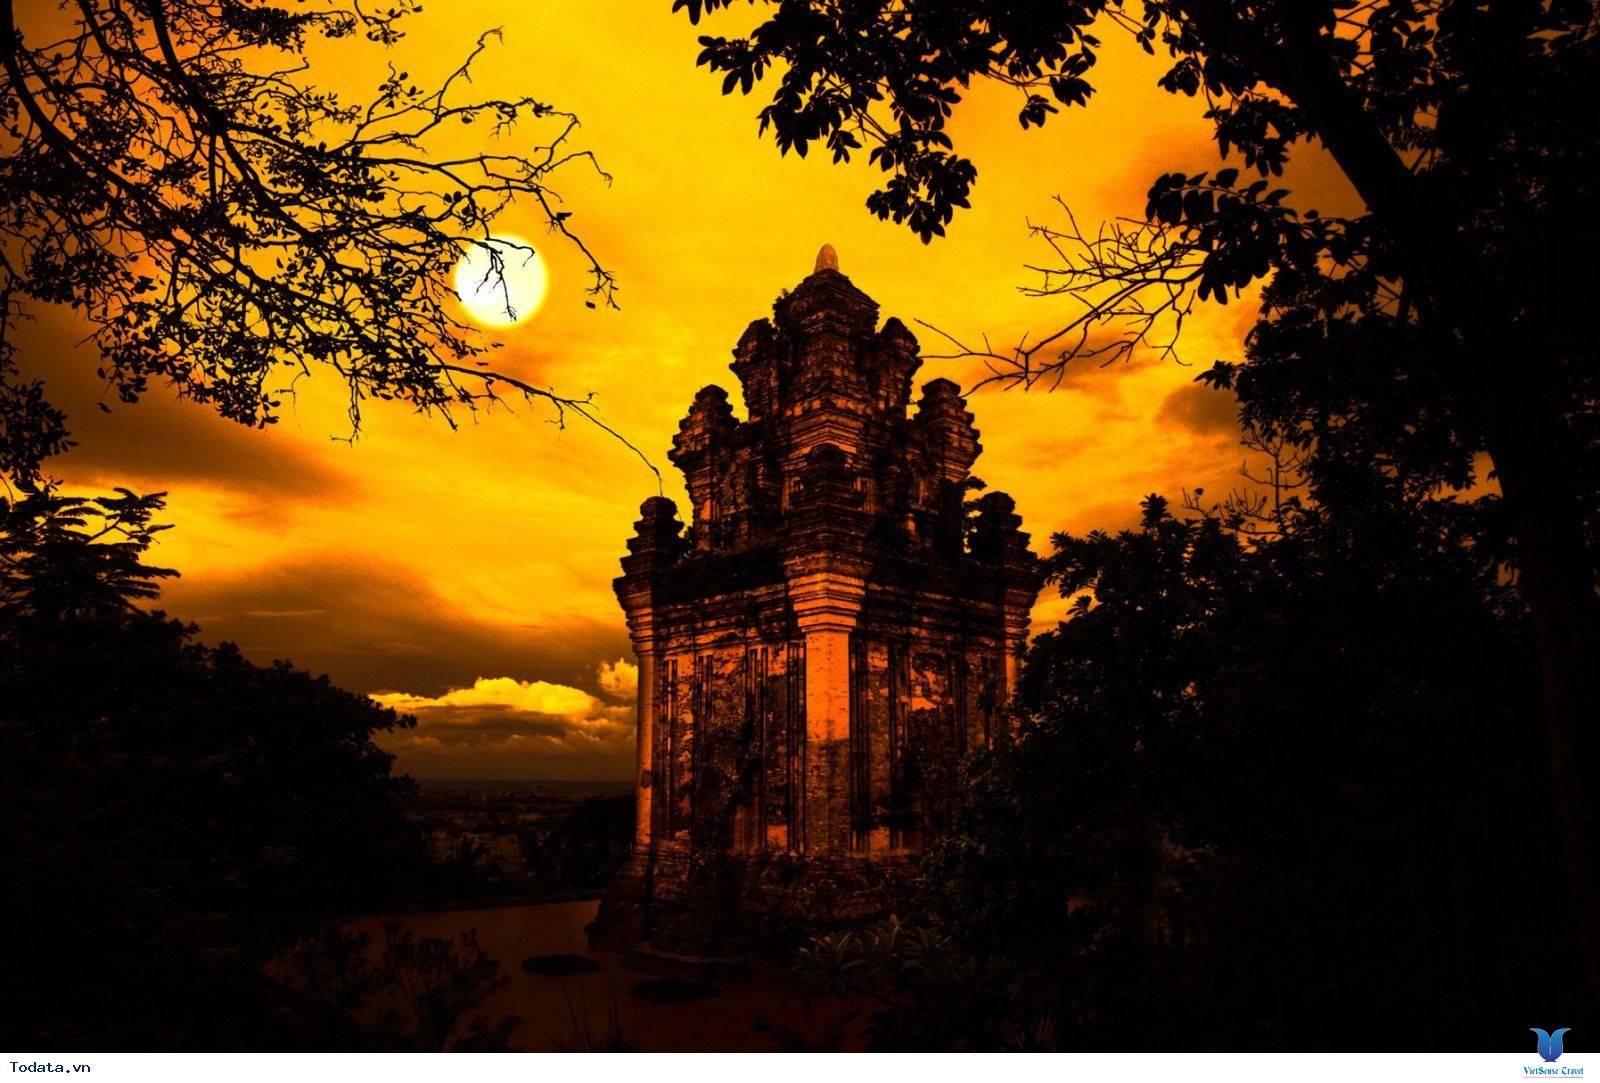 Tháp Nhạn Phú Yên - Công Trình Kiến Trúc Cổ Đặc Sắc - Ảnh 5